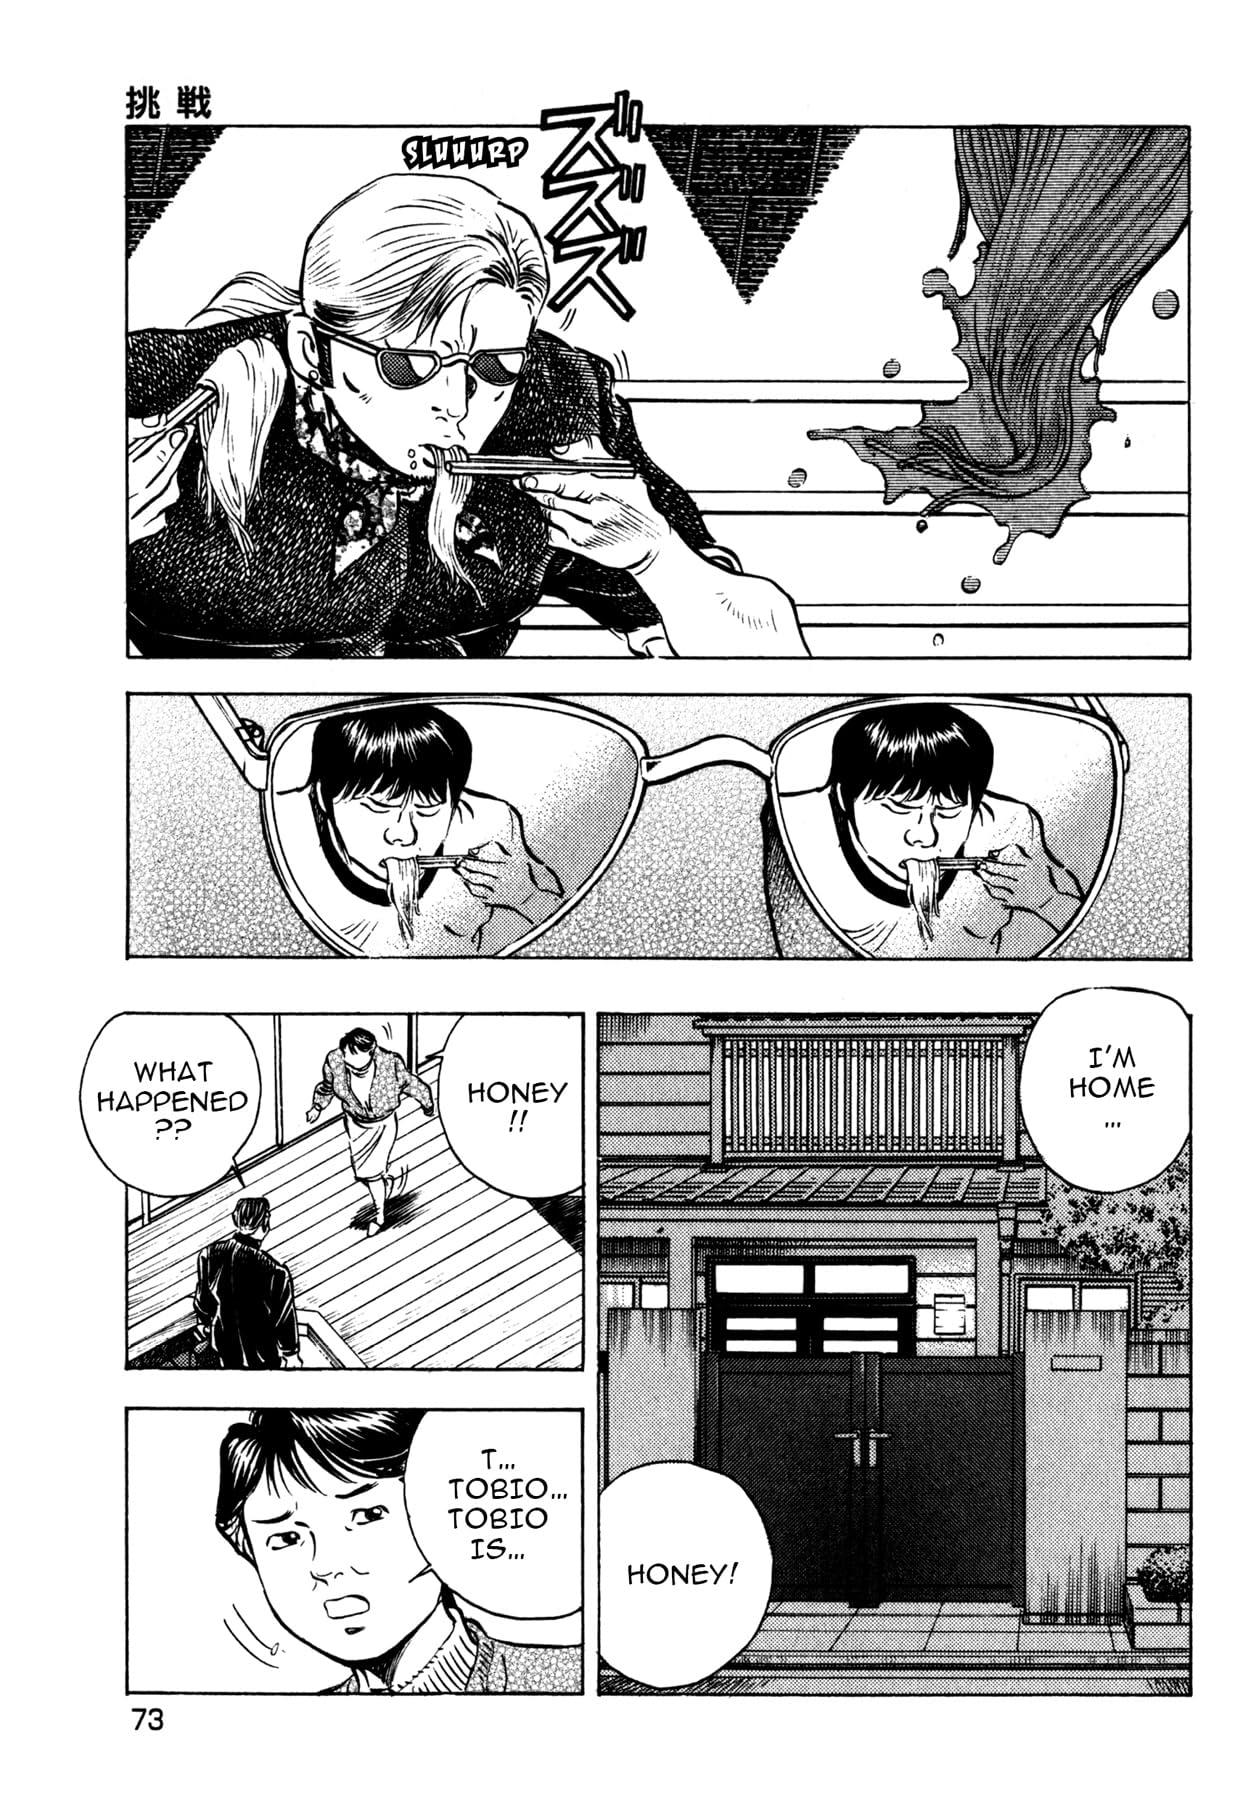 Kuishinbo! #122